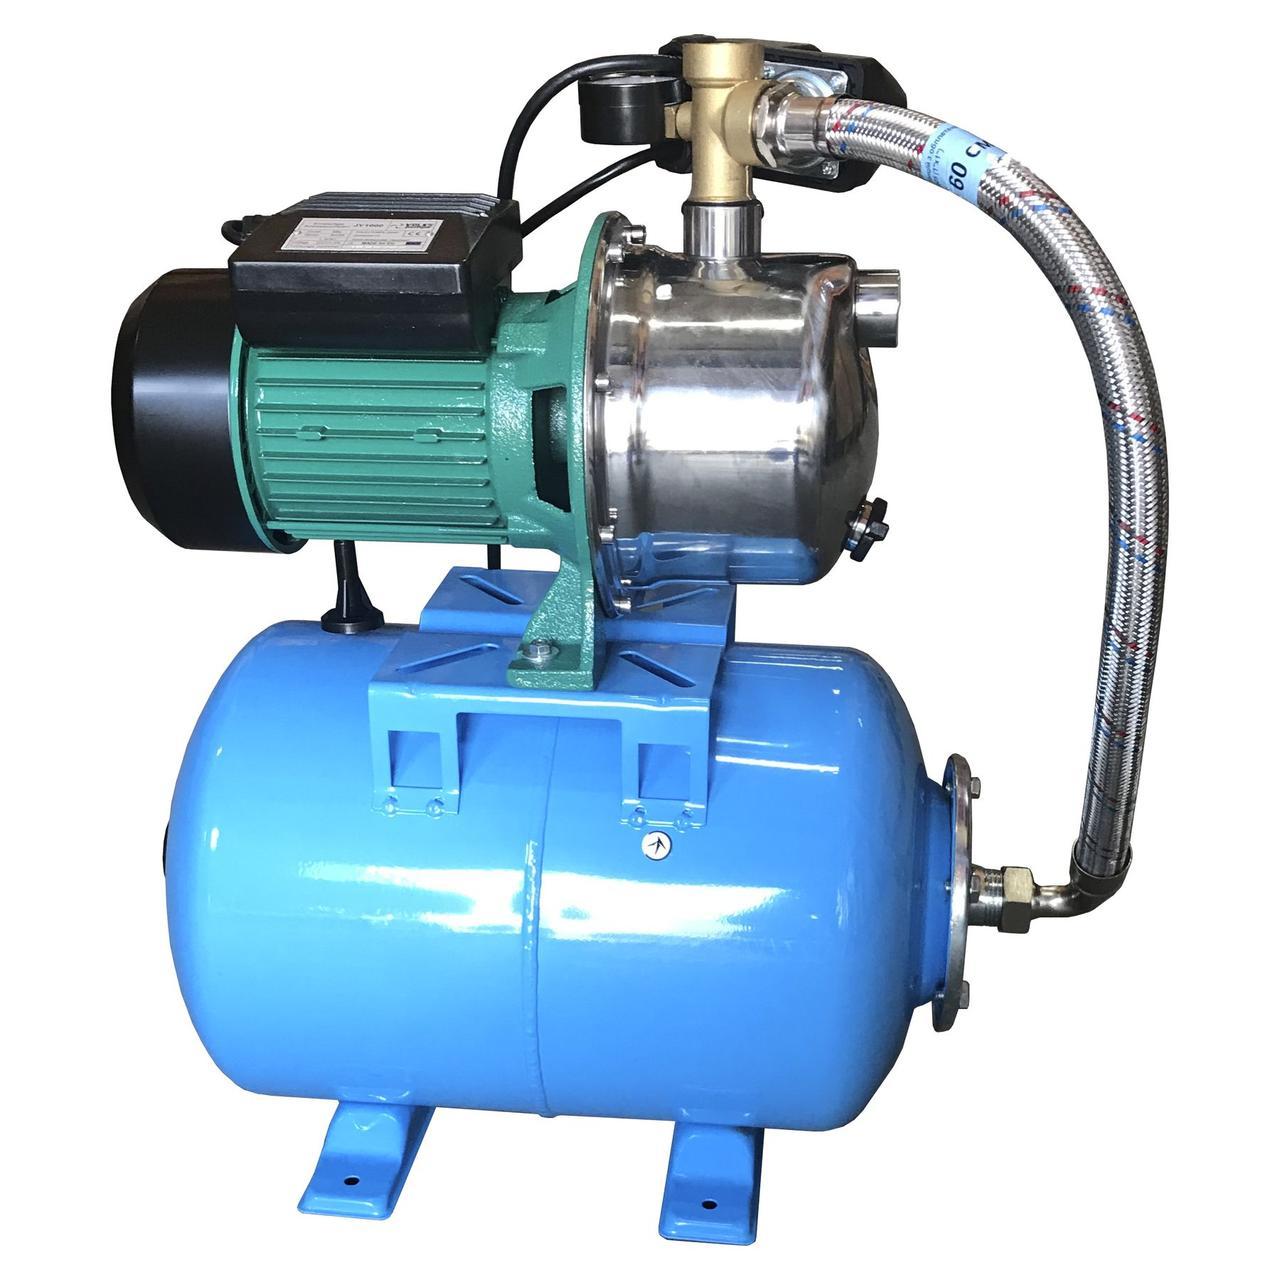 Насосна станція VOLKS pumpe JY1000-24 1,1 кВт нержавійка(в зборі) на Гребінці